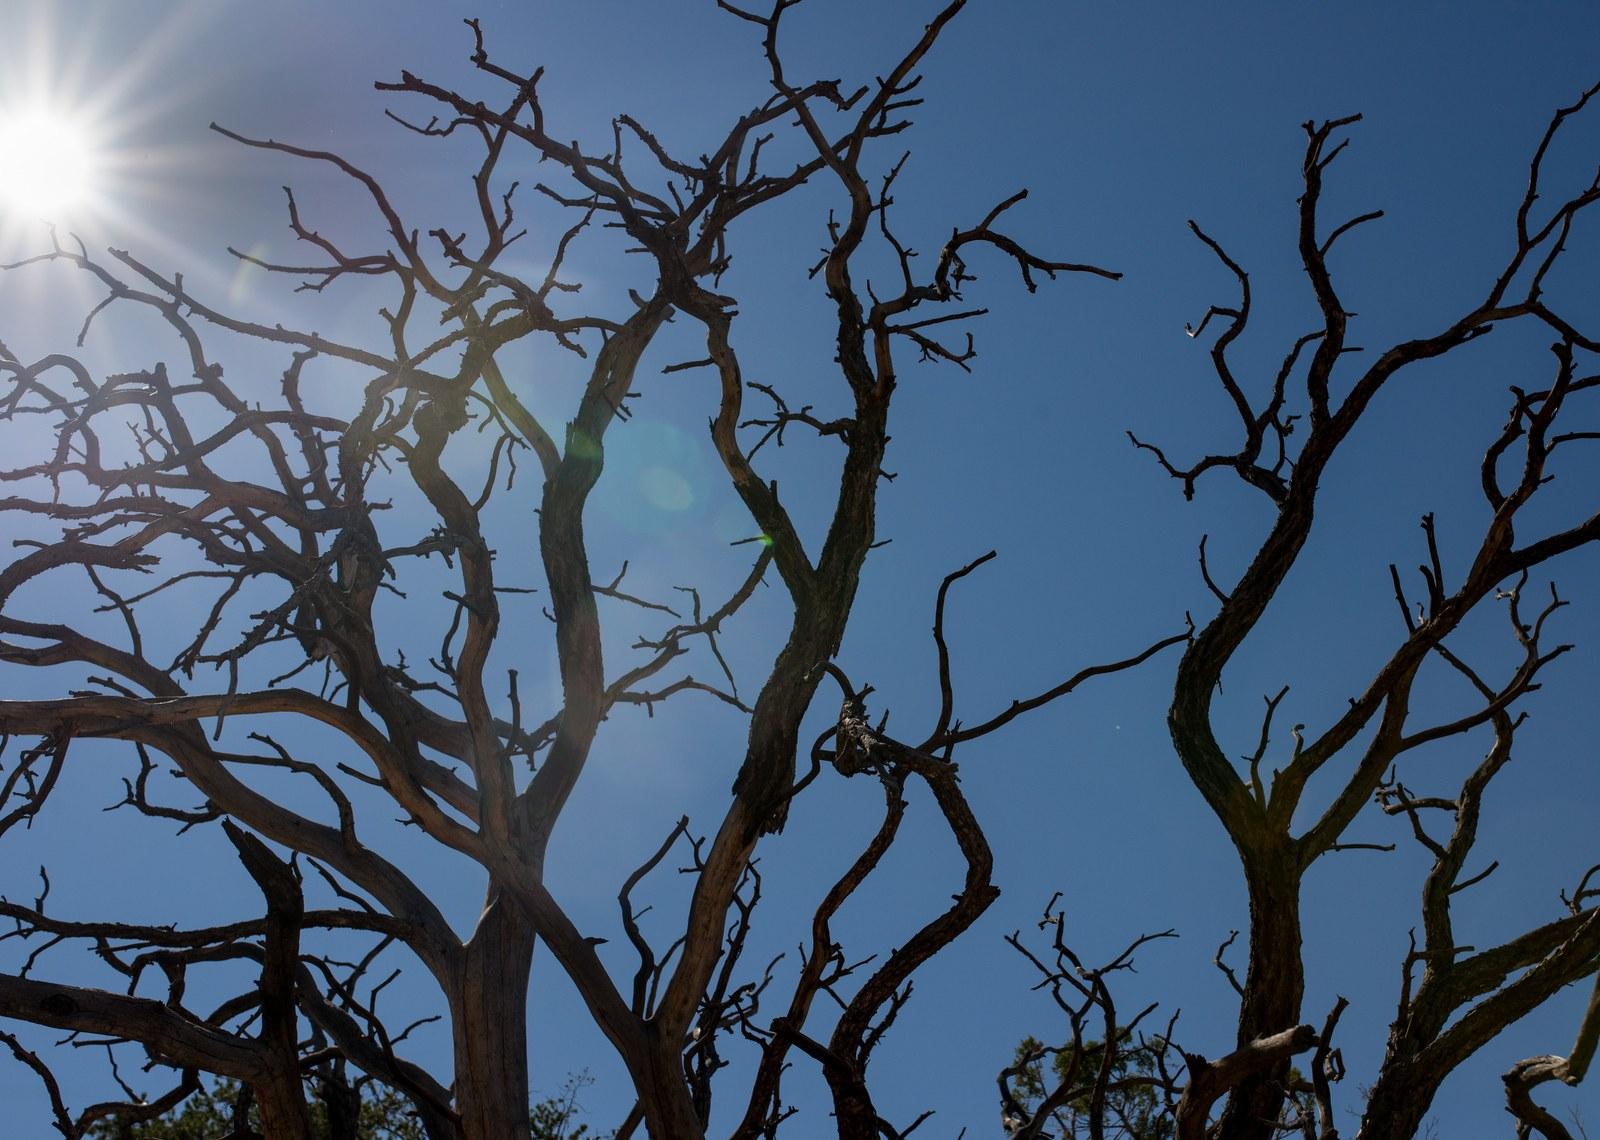 Arbre mort, à contre jour  Canyonlands